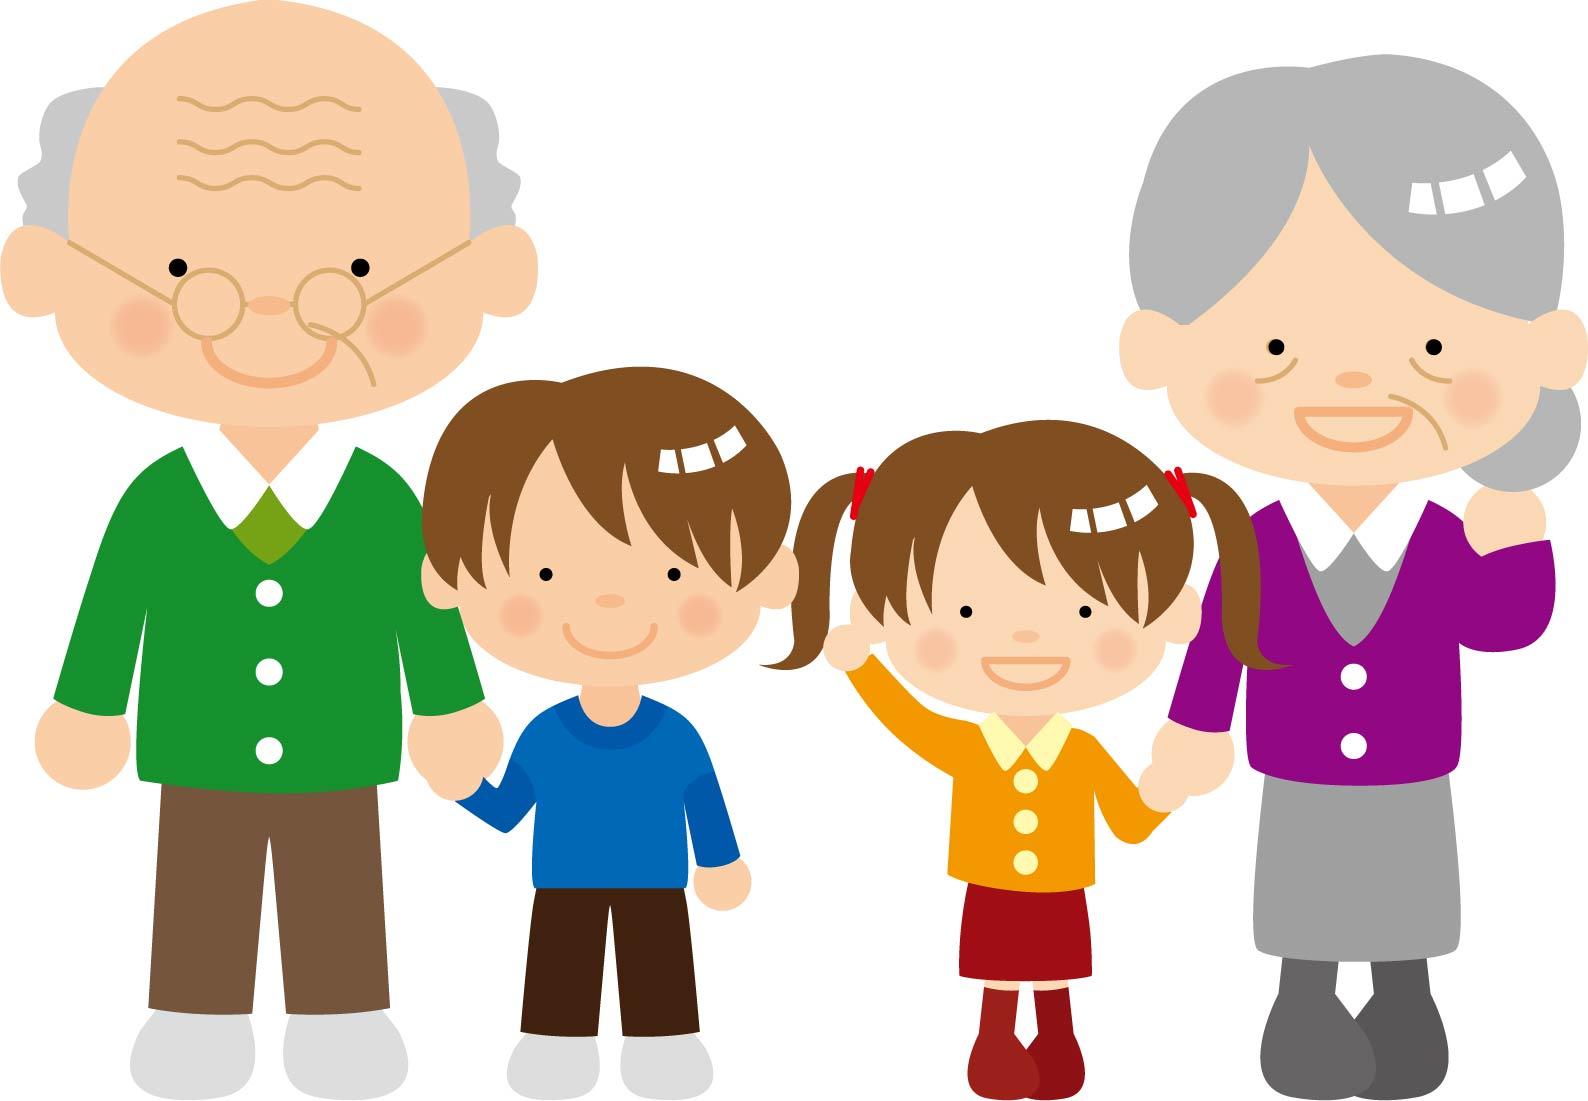 働く両親とシンママが同居をしていても、児童扶養手当はもらえます。